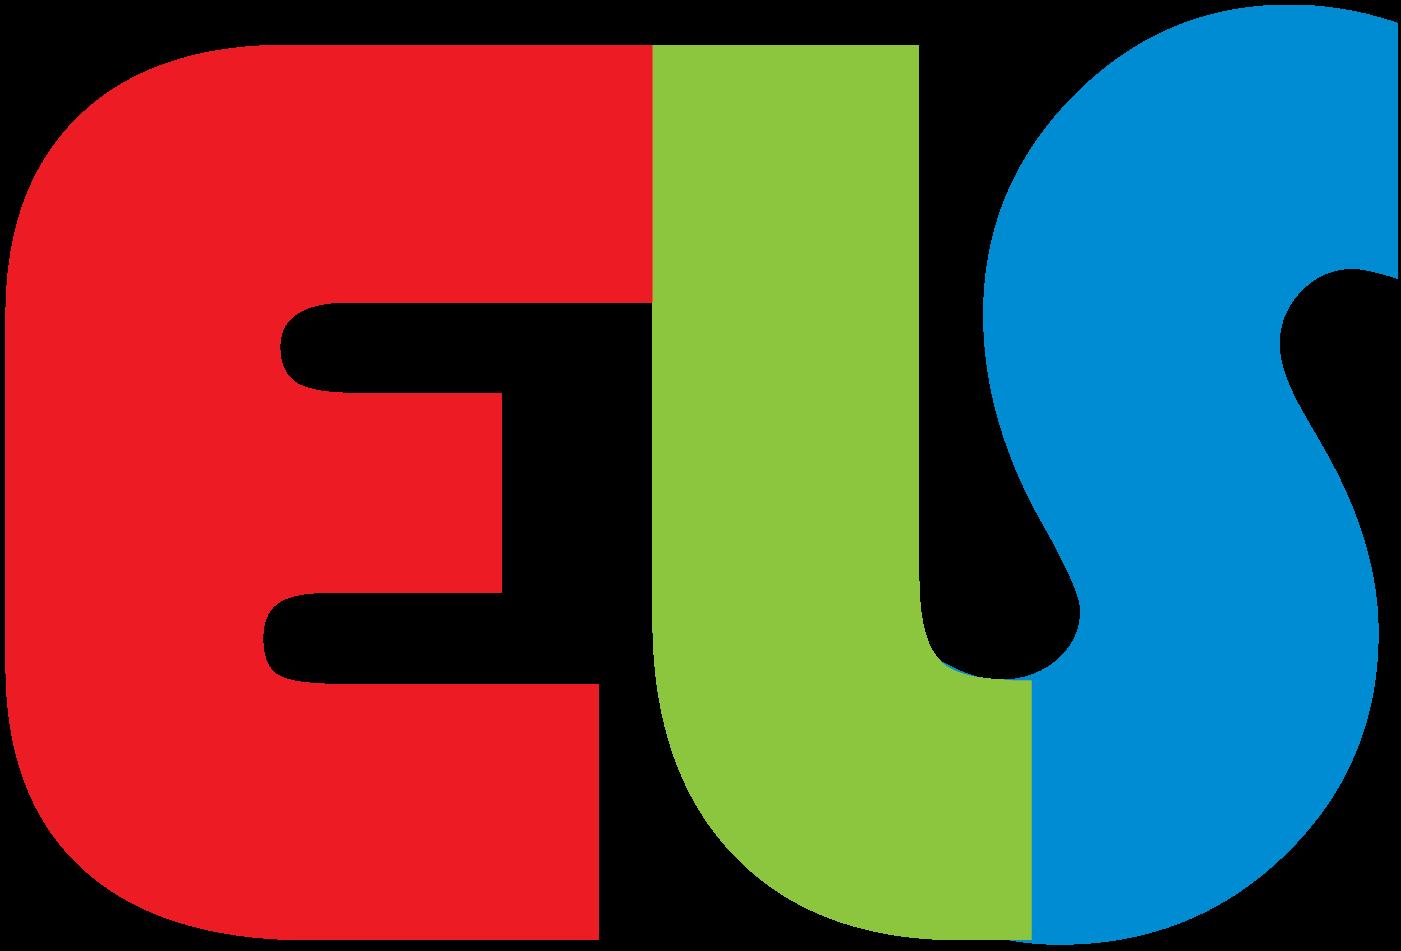 Els Logo